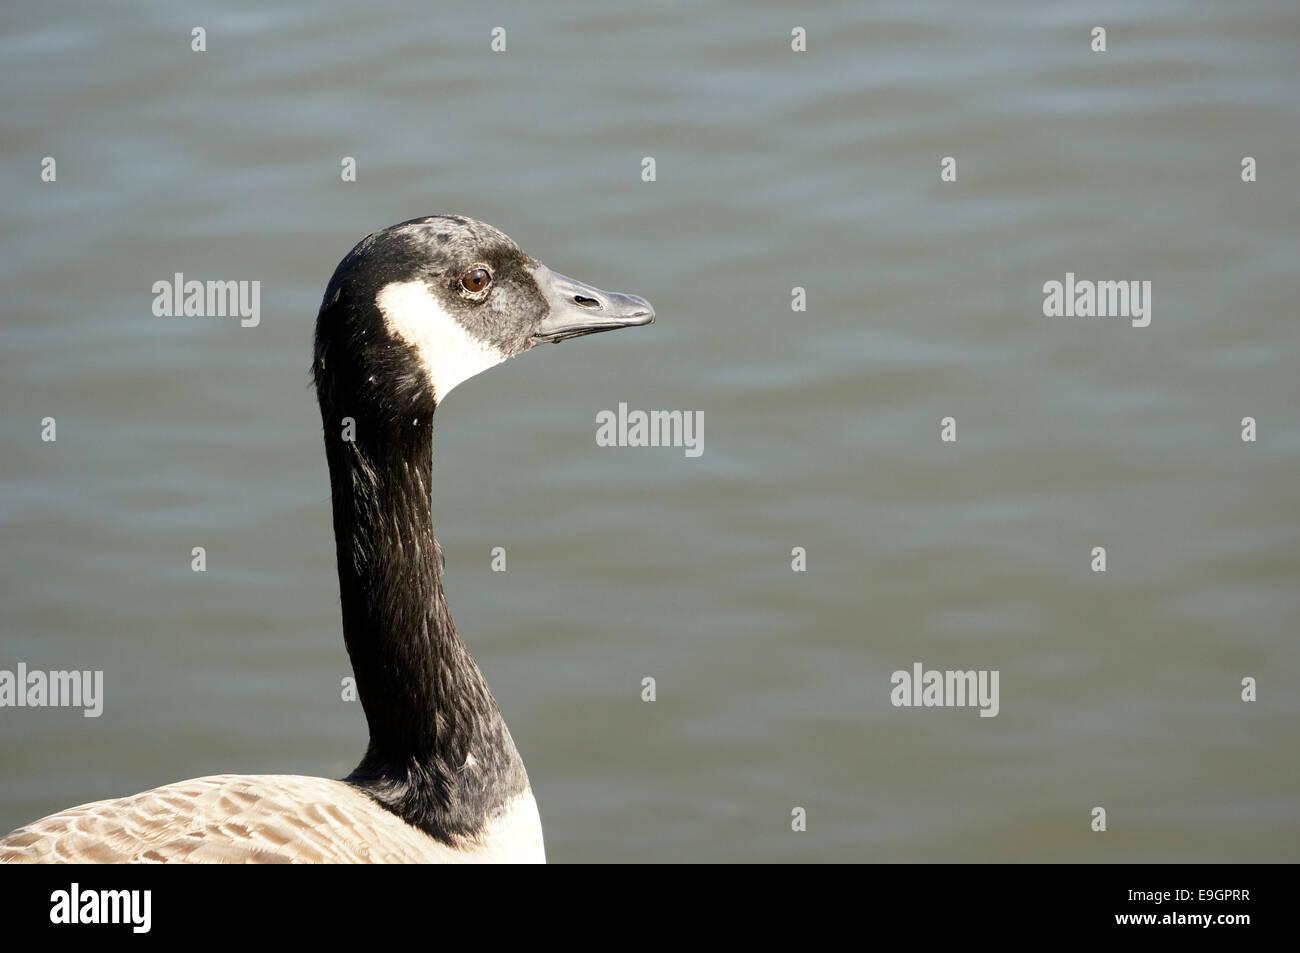 Canada Goose at the George C. Reifel Migratory Bird Sanctuary, Delta, BC, Canada - Stock Image